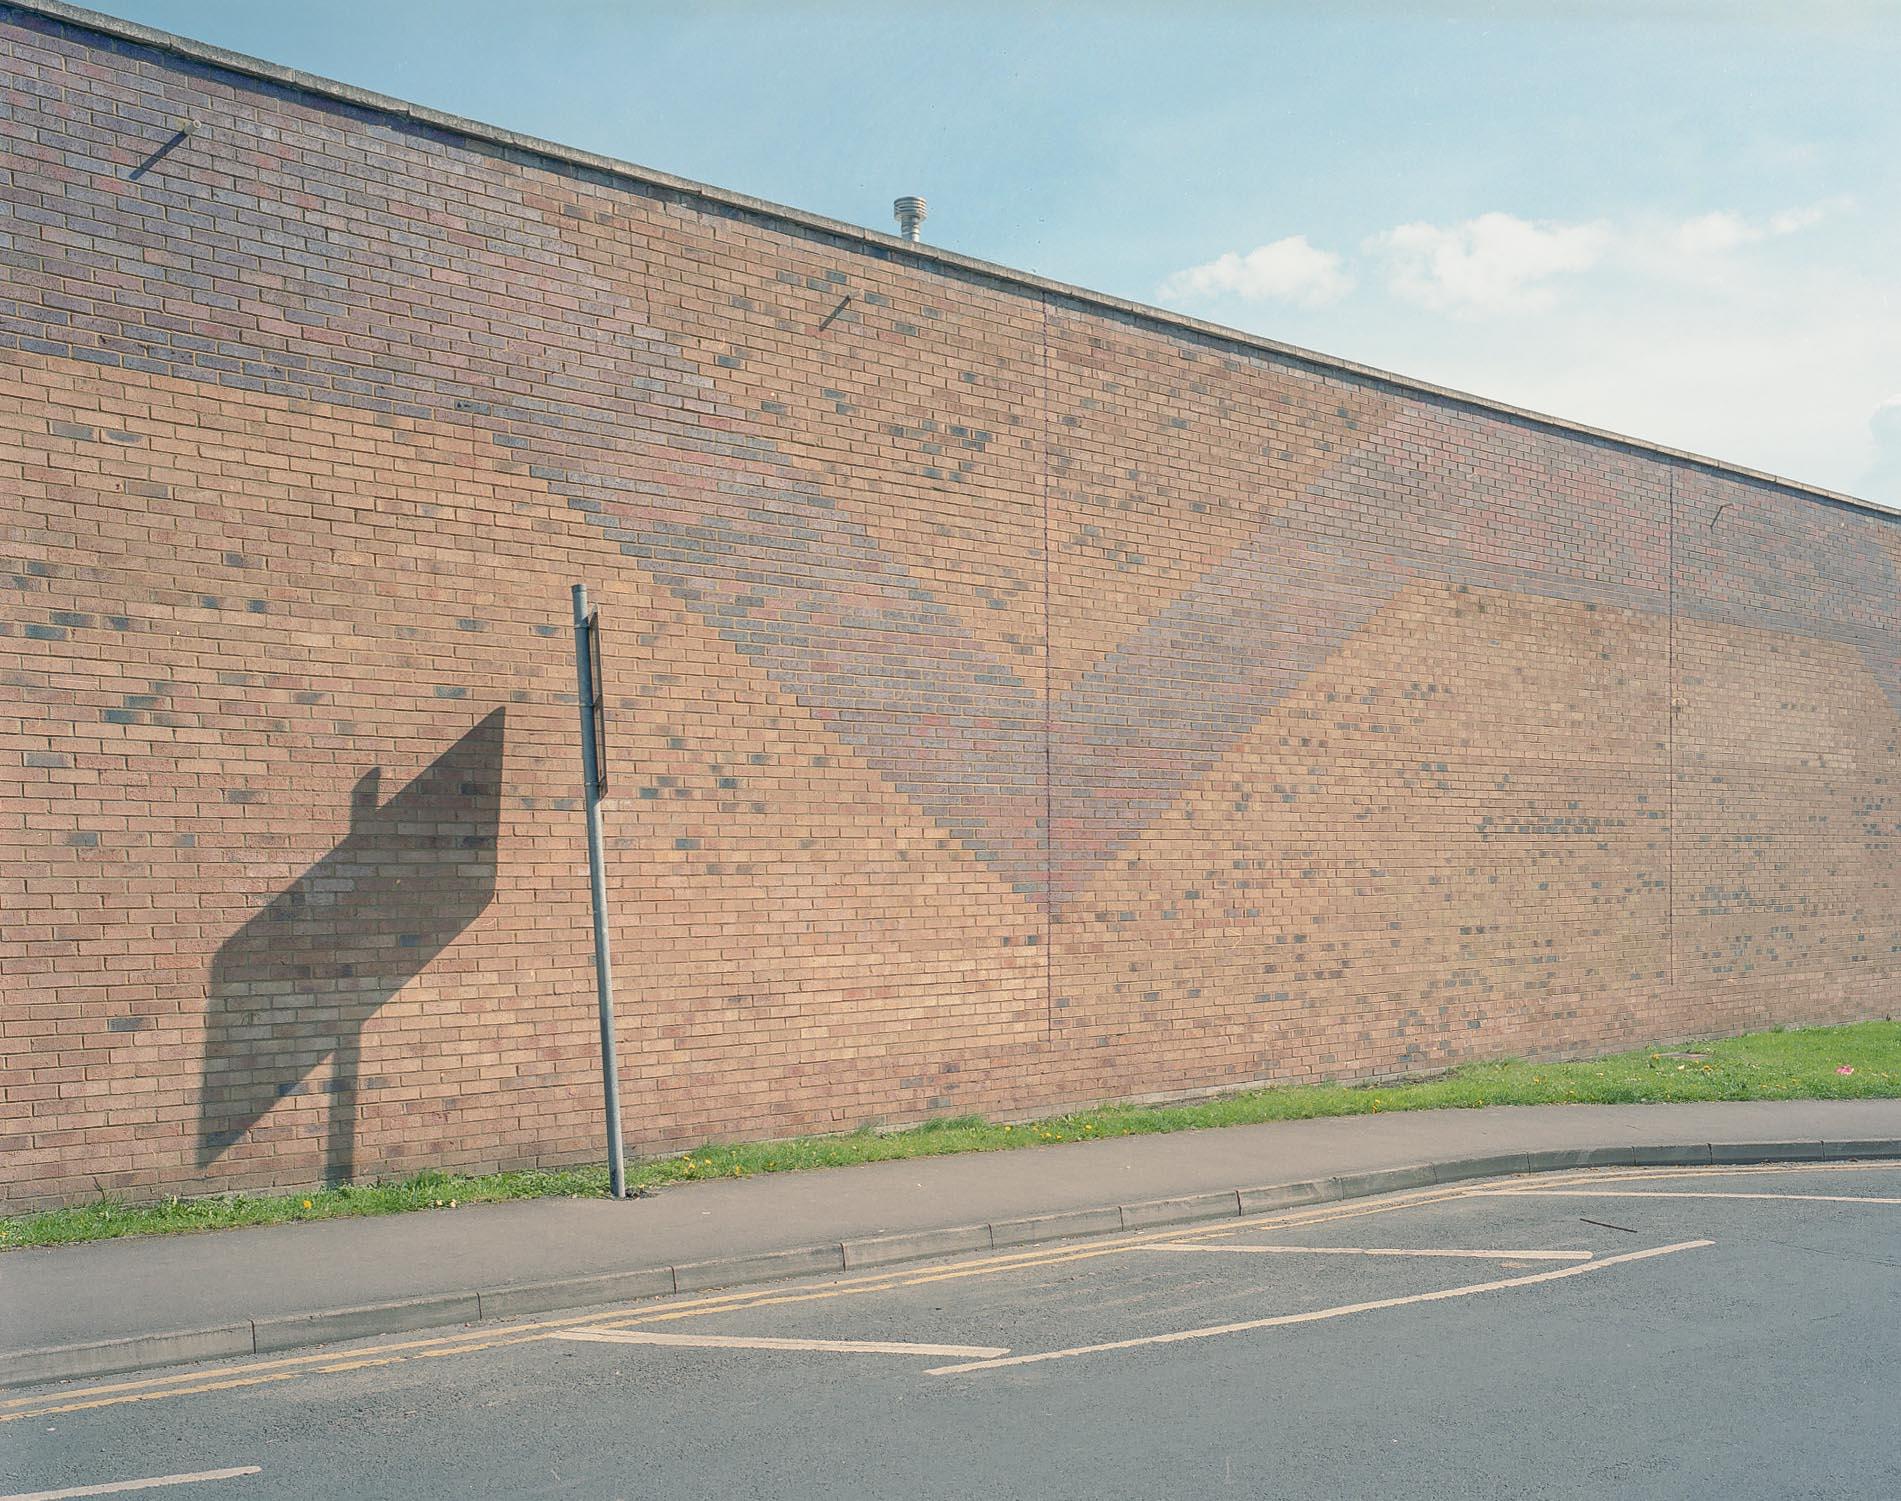 Bailiff Street (Portra 400, 65mm f4)